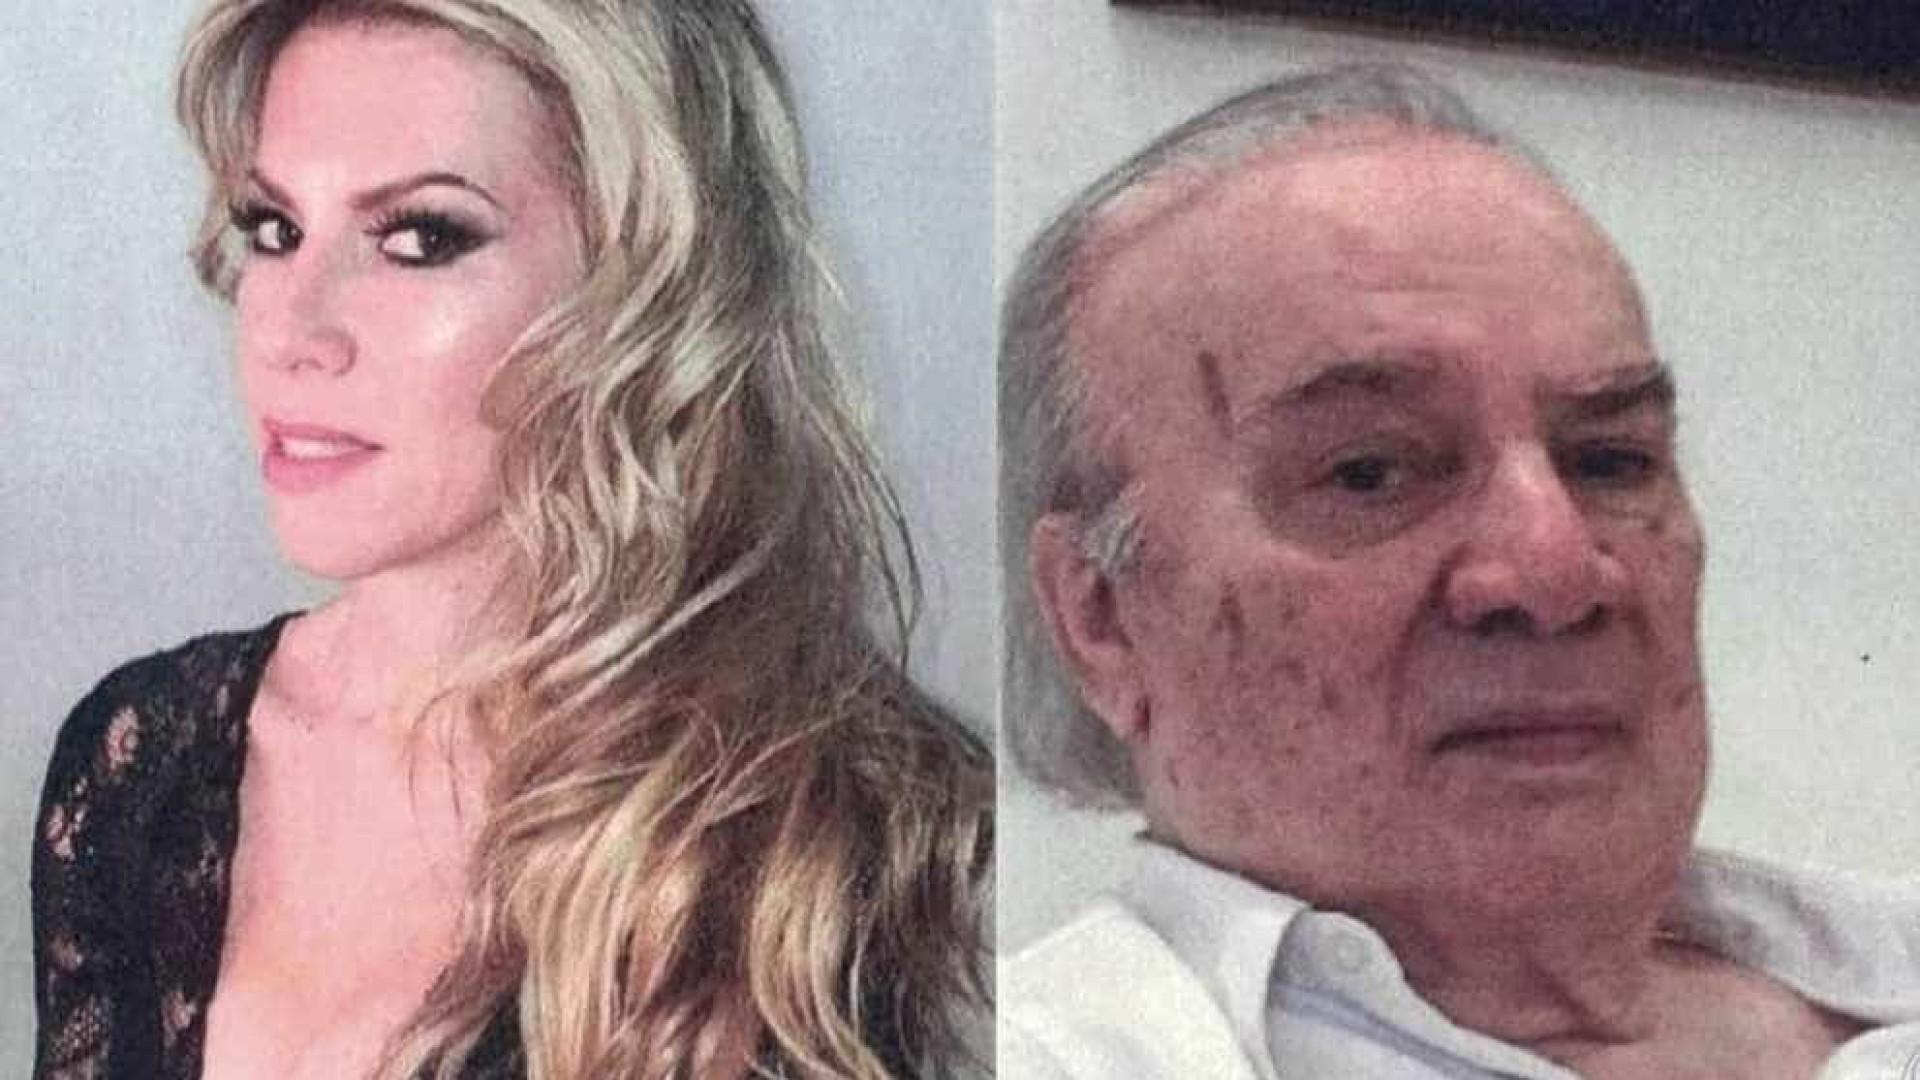 Esposa usa terreiro de umbanda para desviar R$ 27 milhões de marido